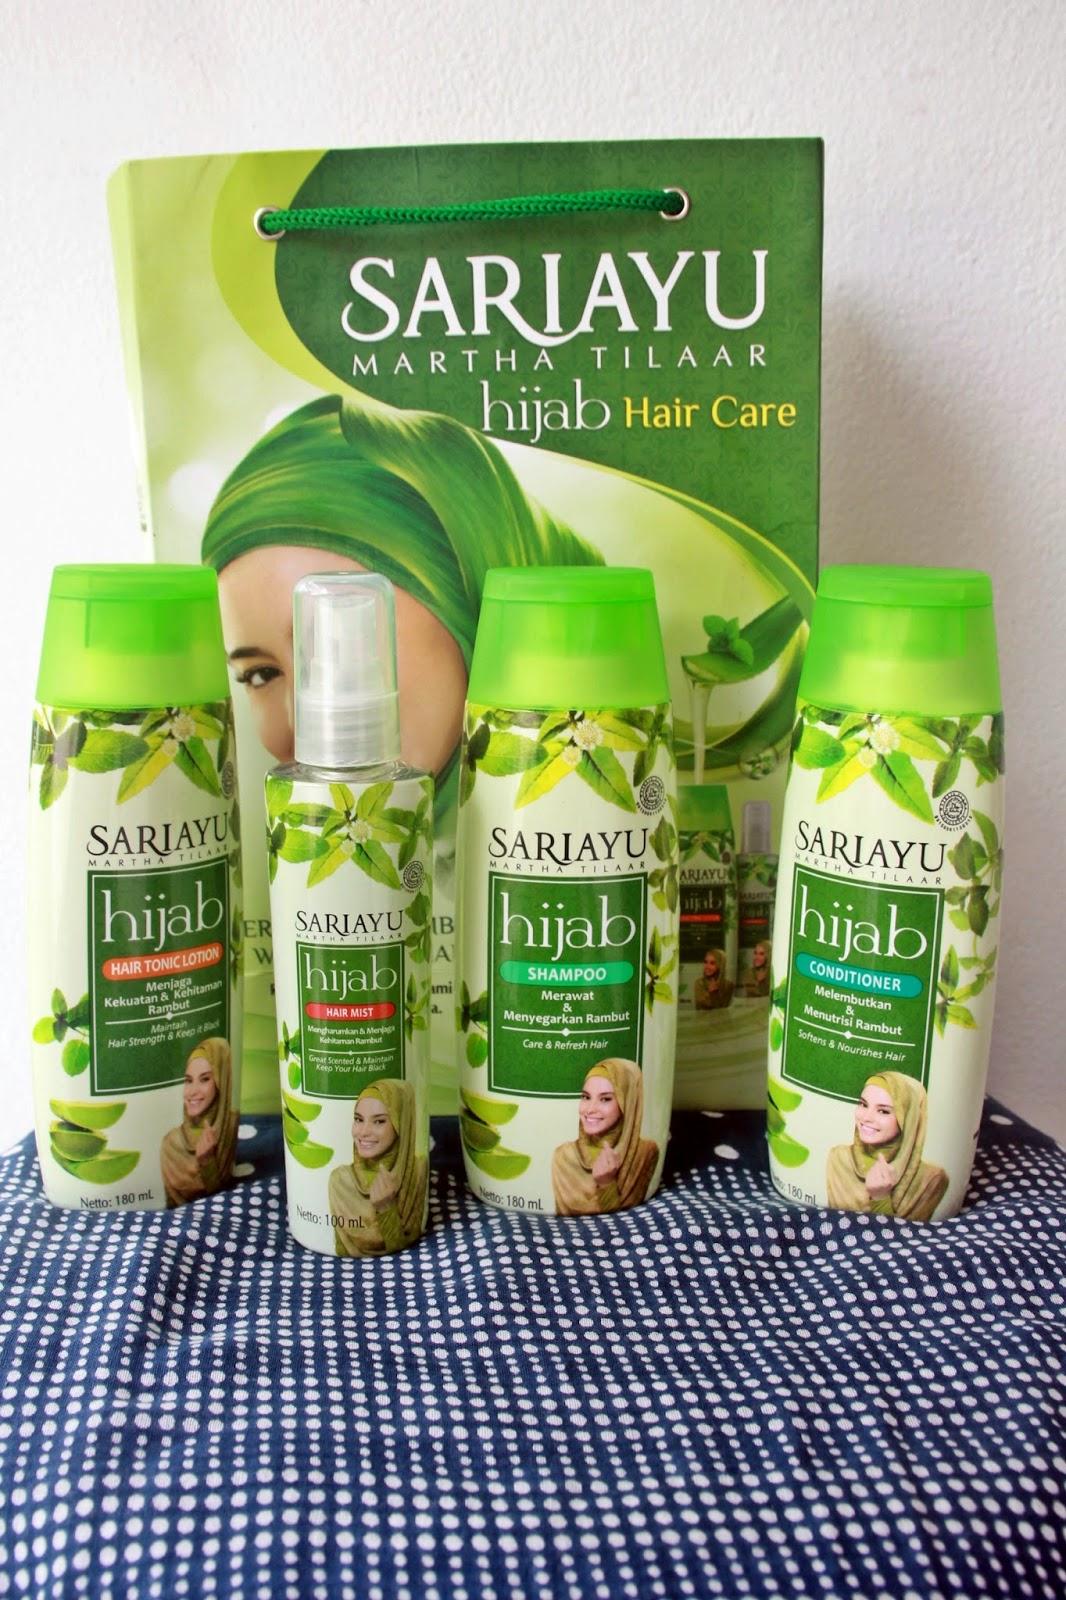 Sariayu Hijab Hair Tonic 180 Ml Daftar Harga Terbaru Terlengkap Sari Ayu Shampoo Fall 180ml Berbangga Hatilah Buat Para Wanita Berhijab Kini Mengeluarkan Inovasi Produk Berupa